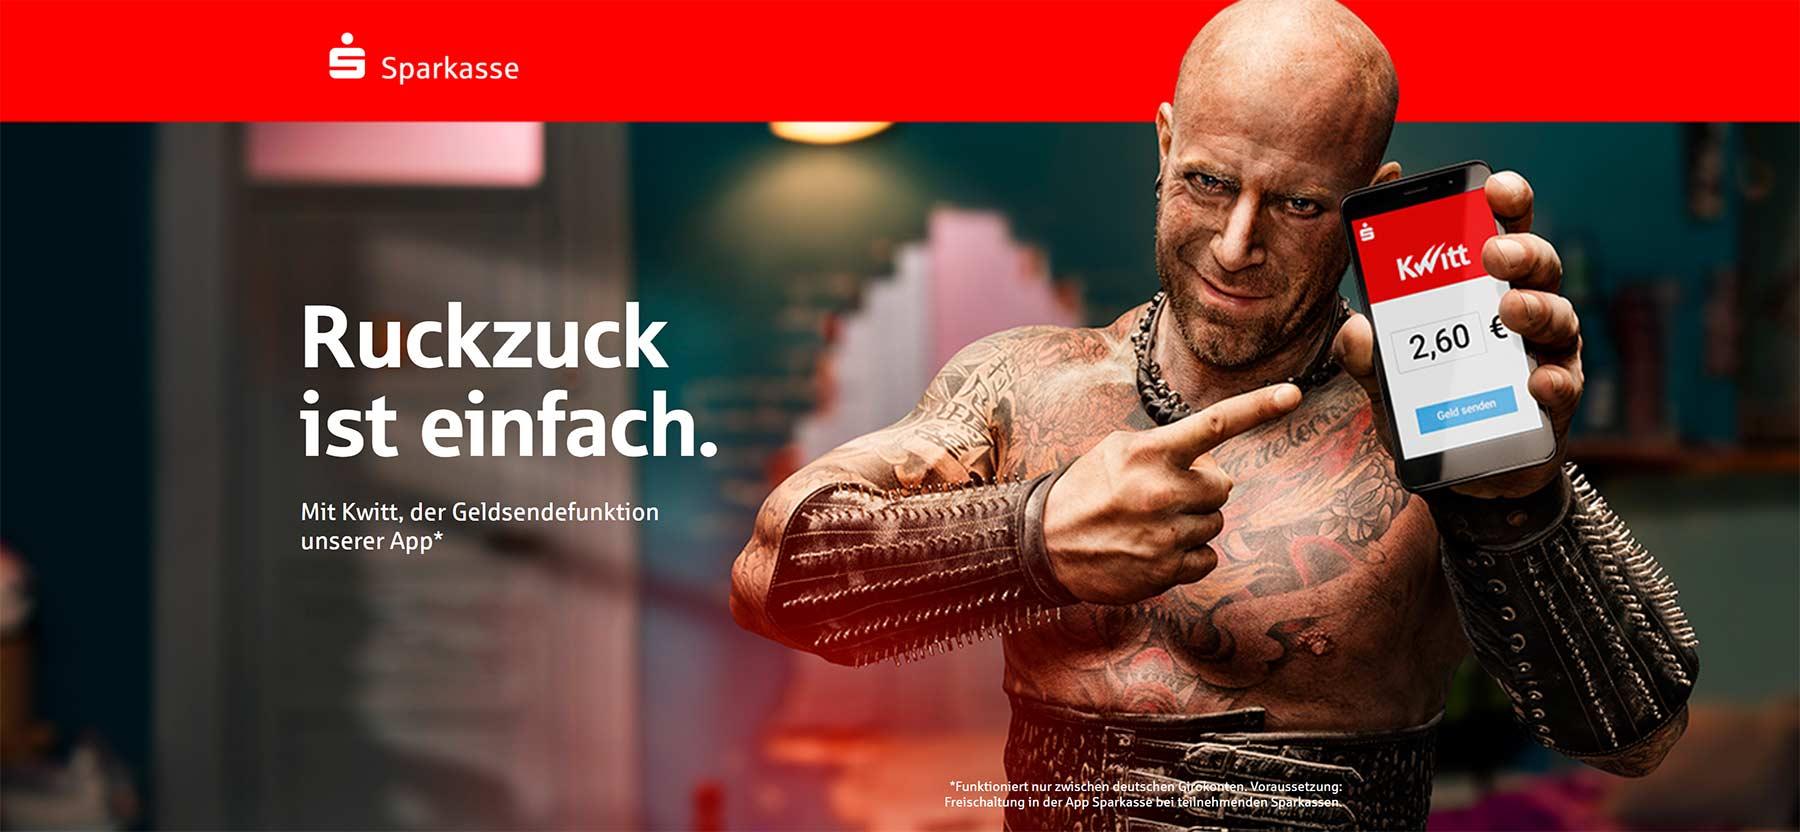 Die Sparkasse veräppelt Influencer-Marketing kwitt-sparkasse-der-bote-influencer-Parodie_03